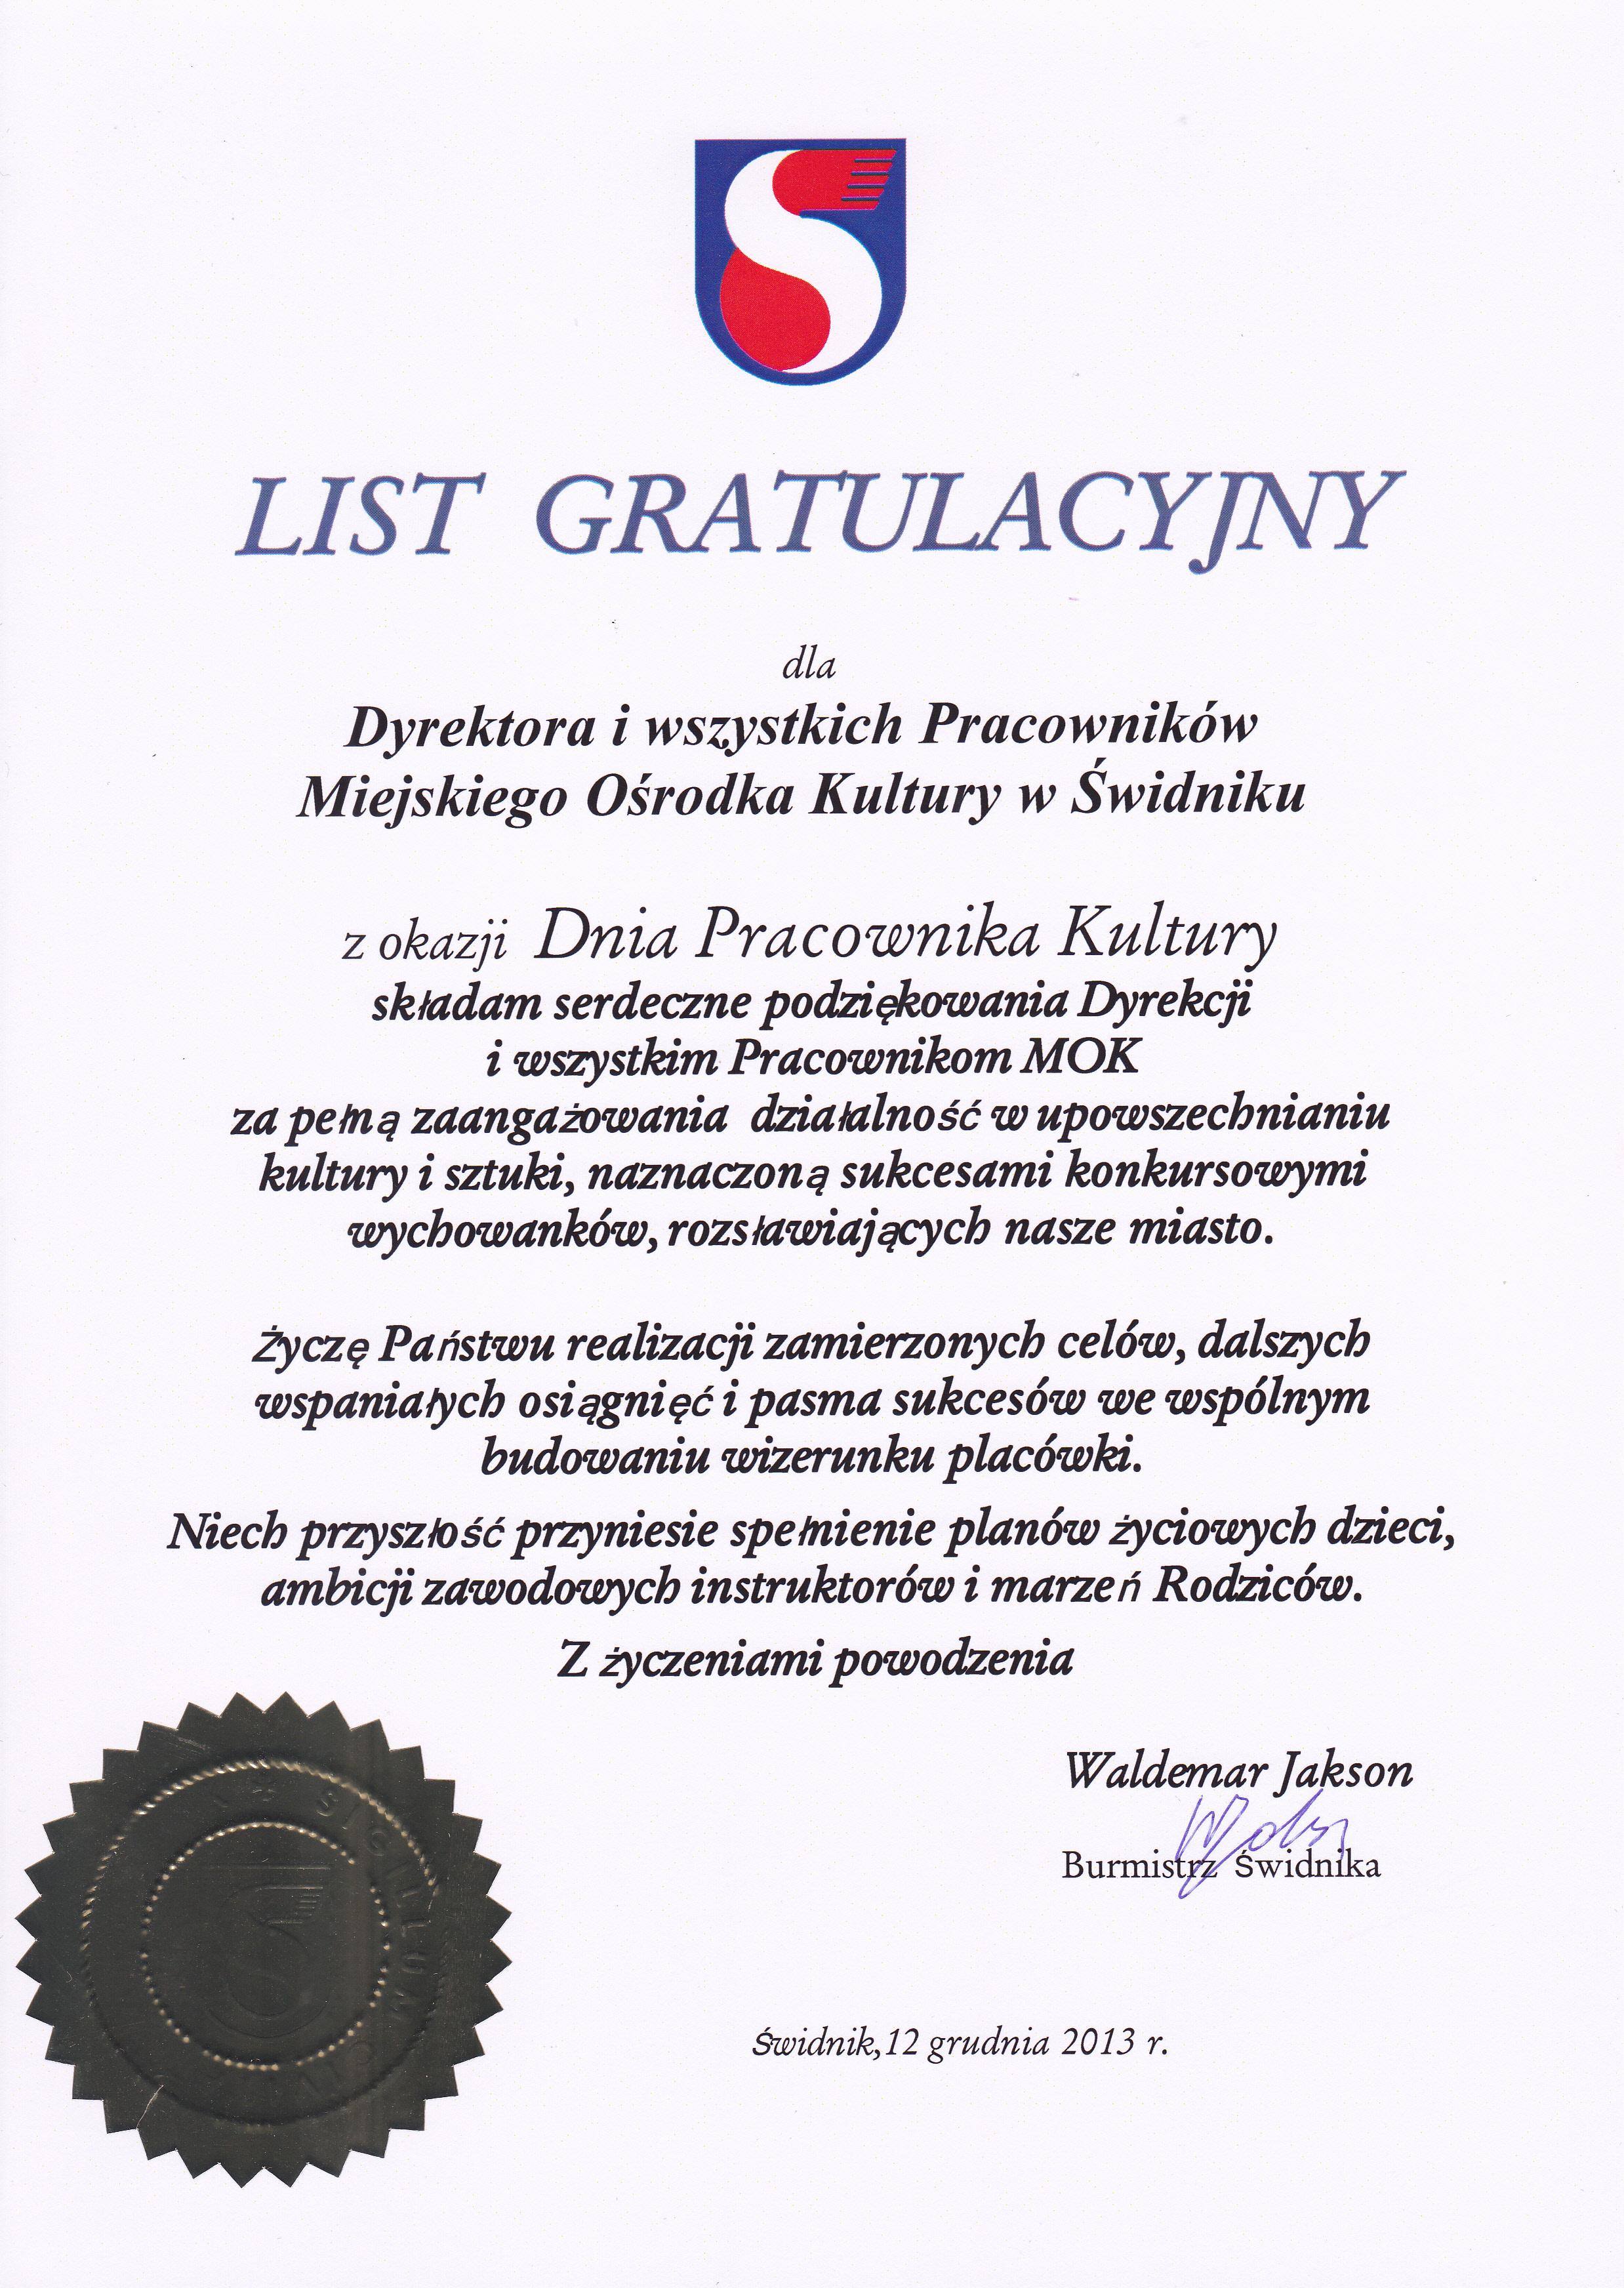 Burmistrz Świdnika, 2013